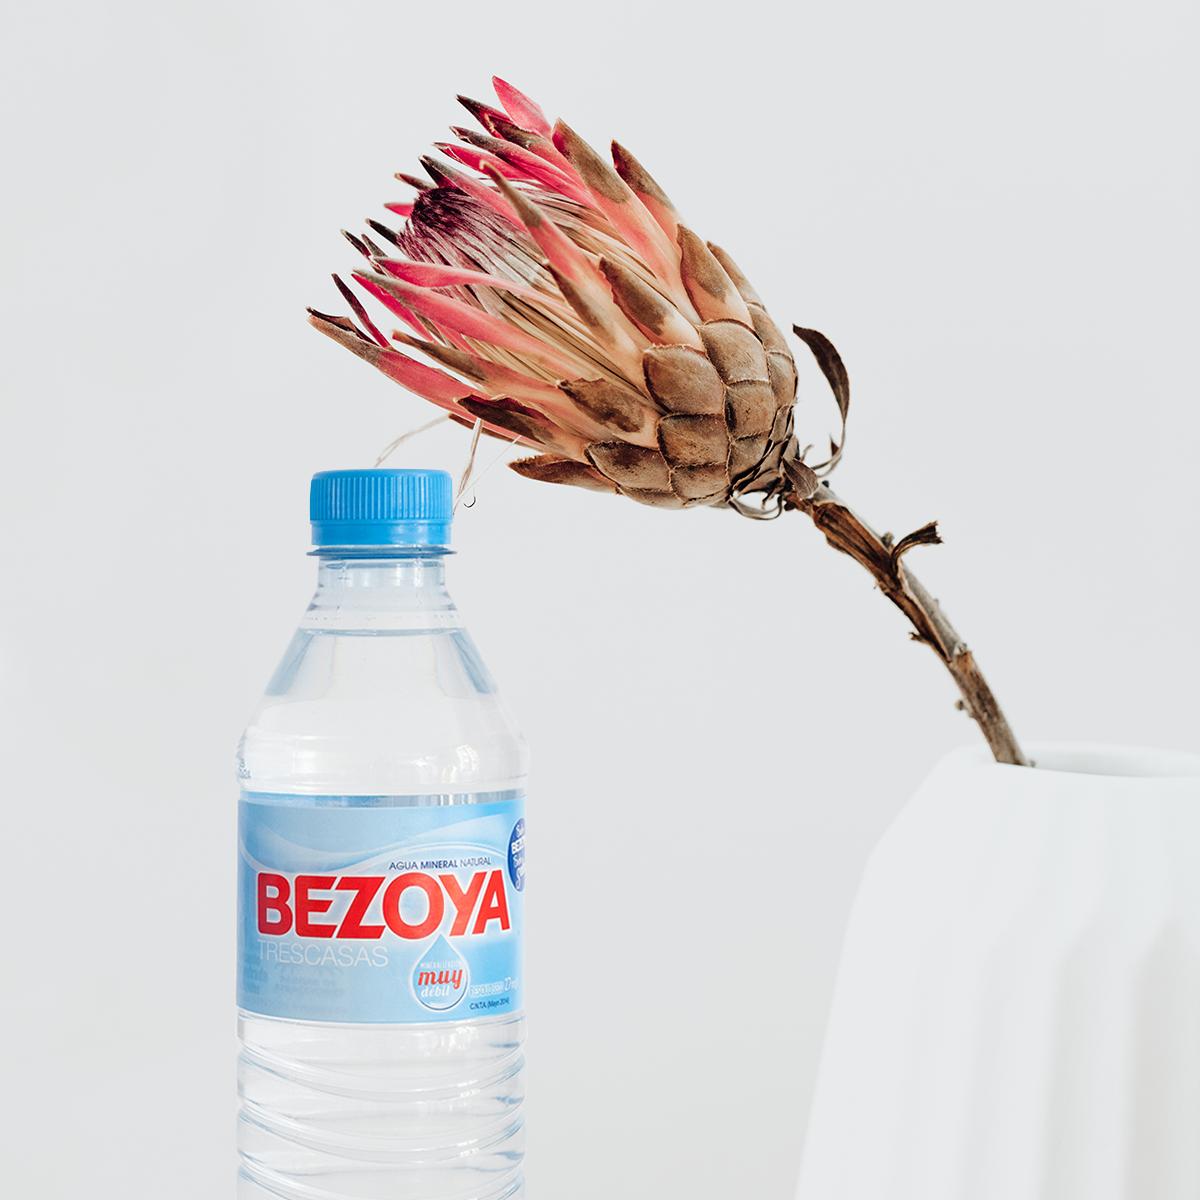 Acompañamos tu fin de semana para llenarlo de hidratación 🌞💧 https://t.co/CJDWDBuOzw